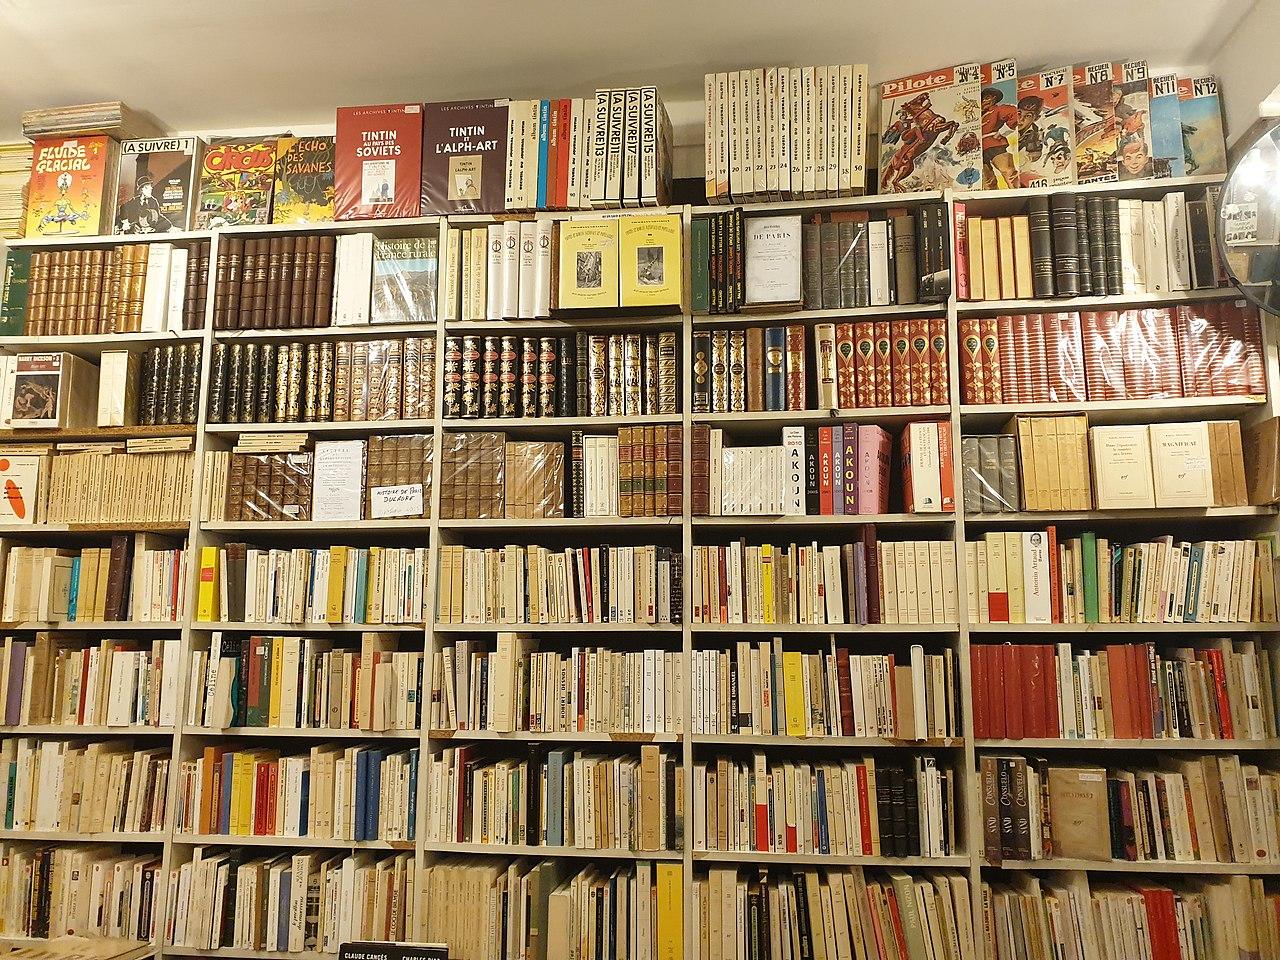 Les livres considérés comme non essentiels ! (c) DR